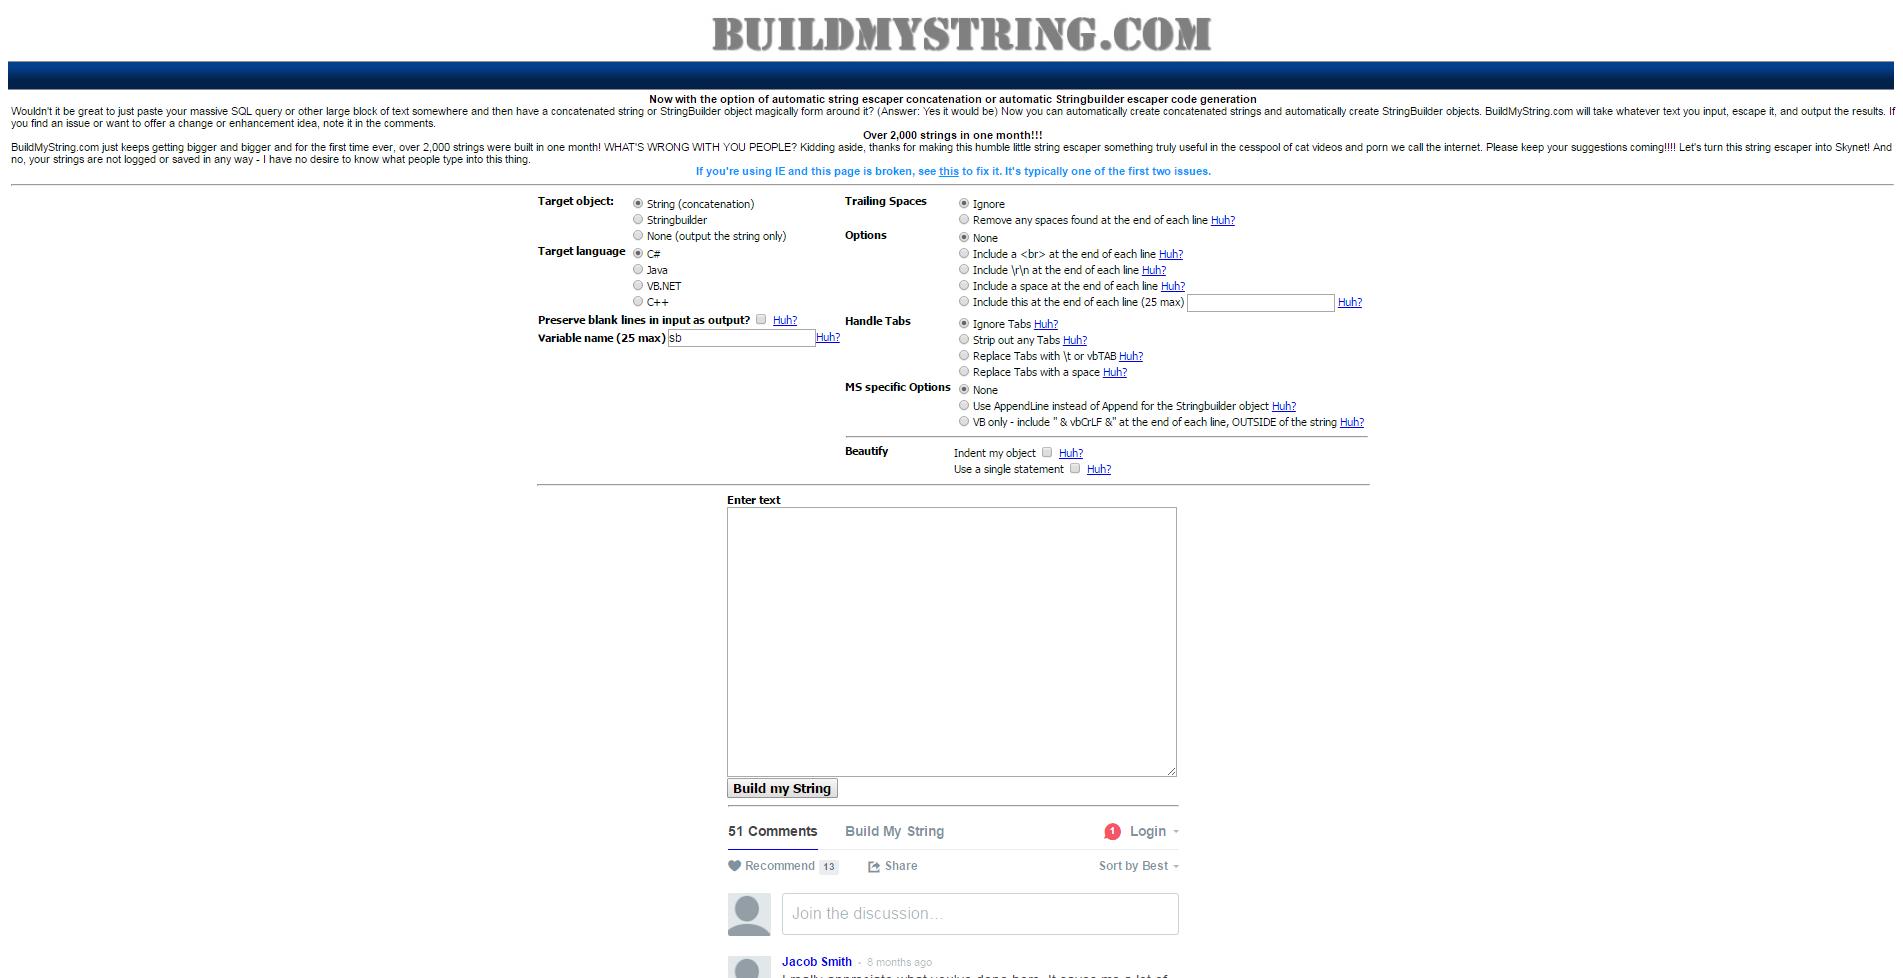 buildmystring